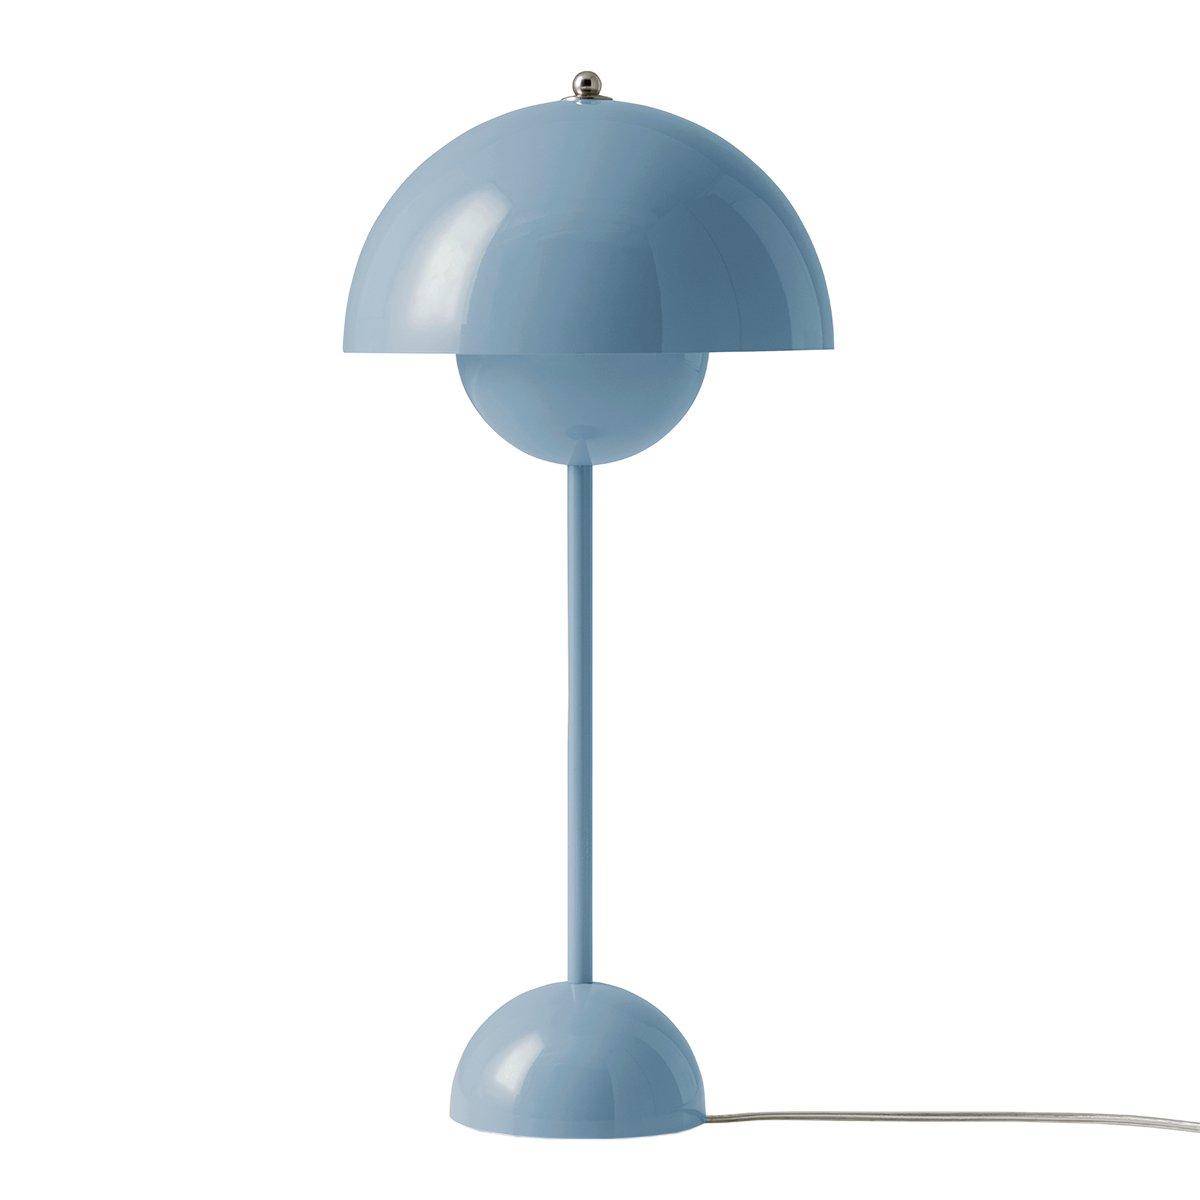 &Tradition Flowerpot VP3 Tafellamp - Lichtblauw